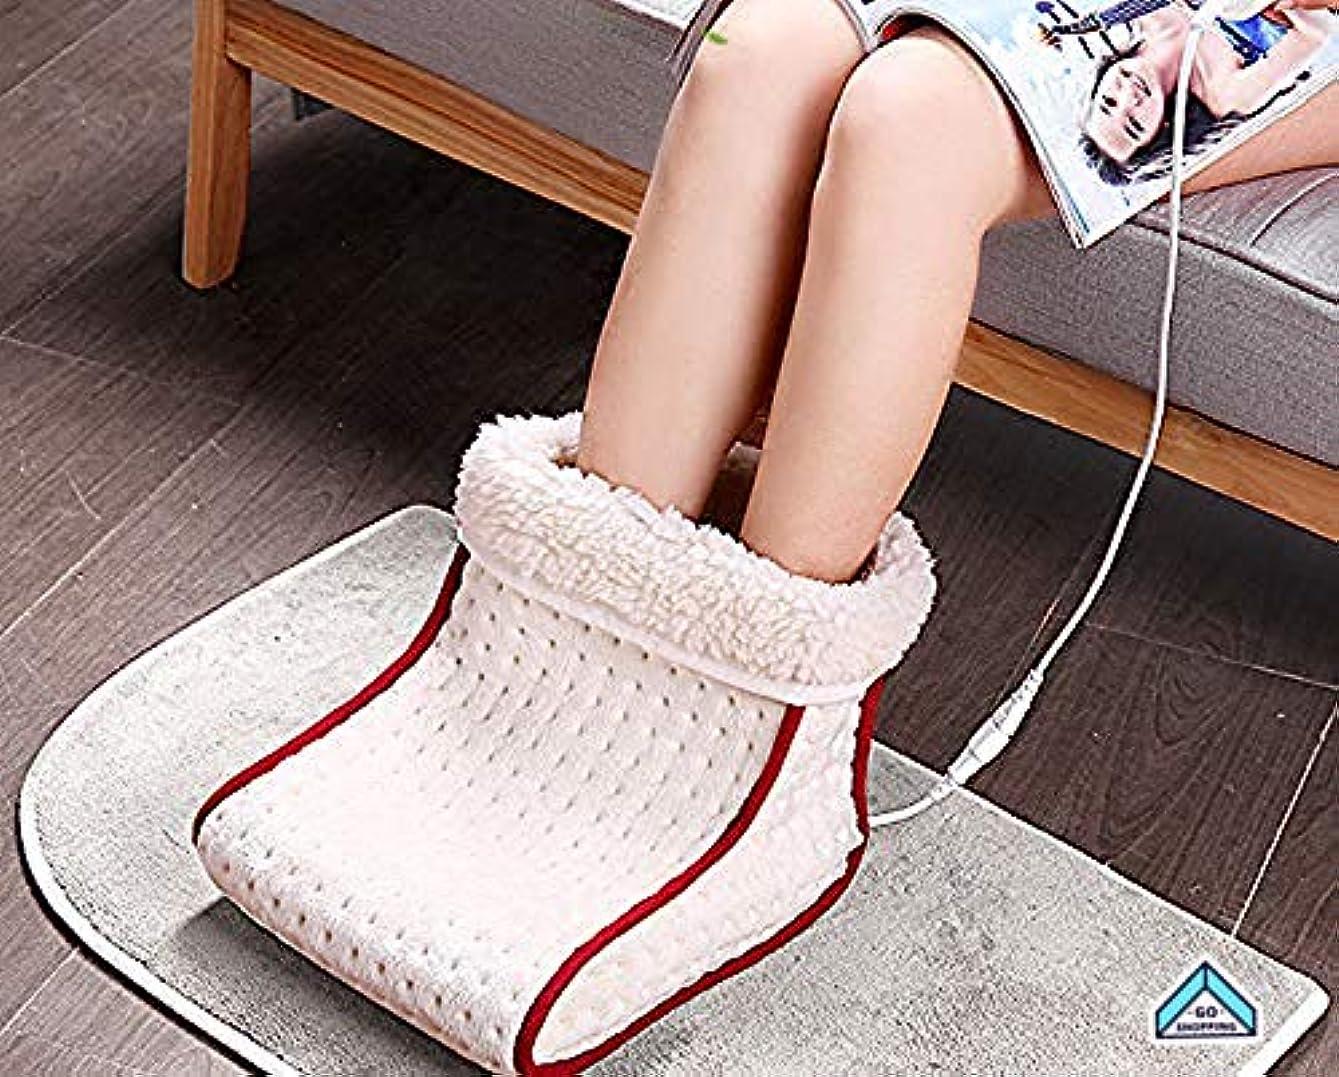 アルコーブエレクトロニックアブストラクトNICEEフットウォーマー電気フィートヒーターコンフォートスエードWashableTemperatureクッションfor Cozy Feet Foot WarmerNICEY